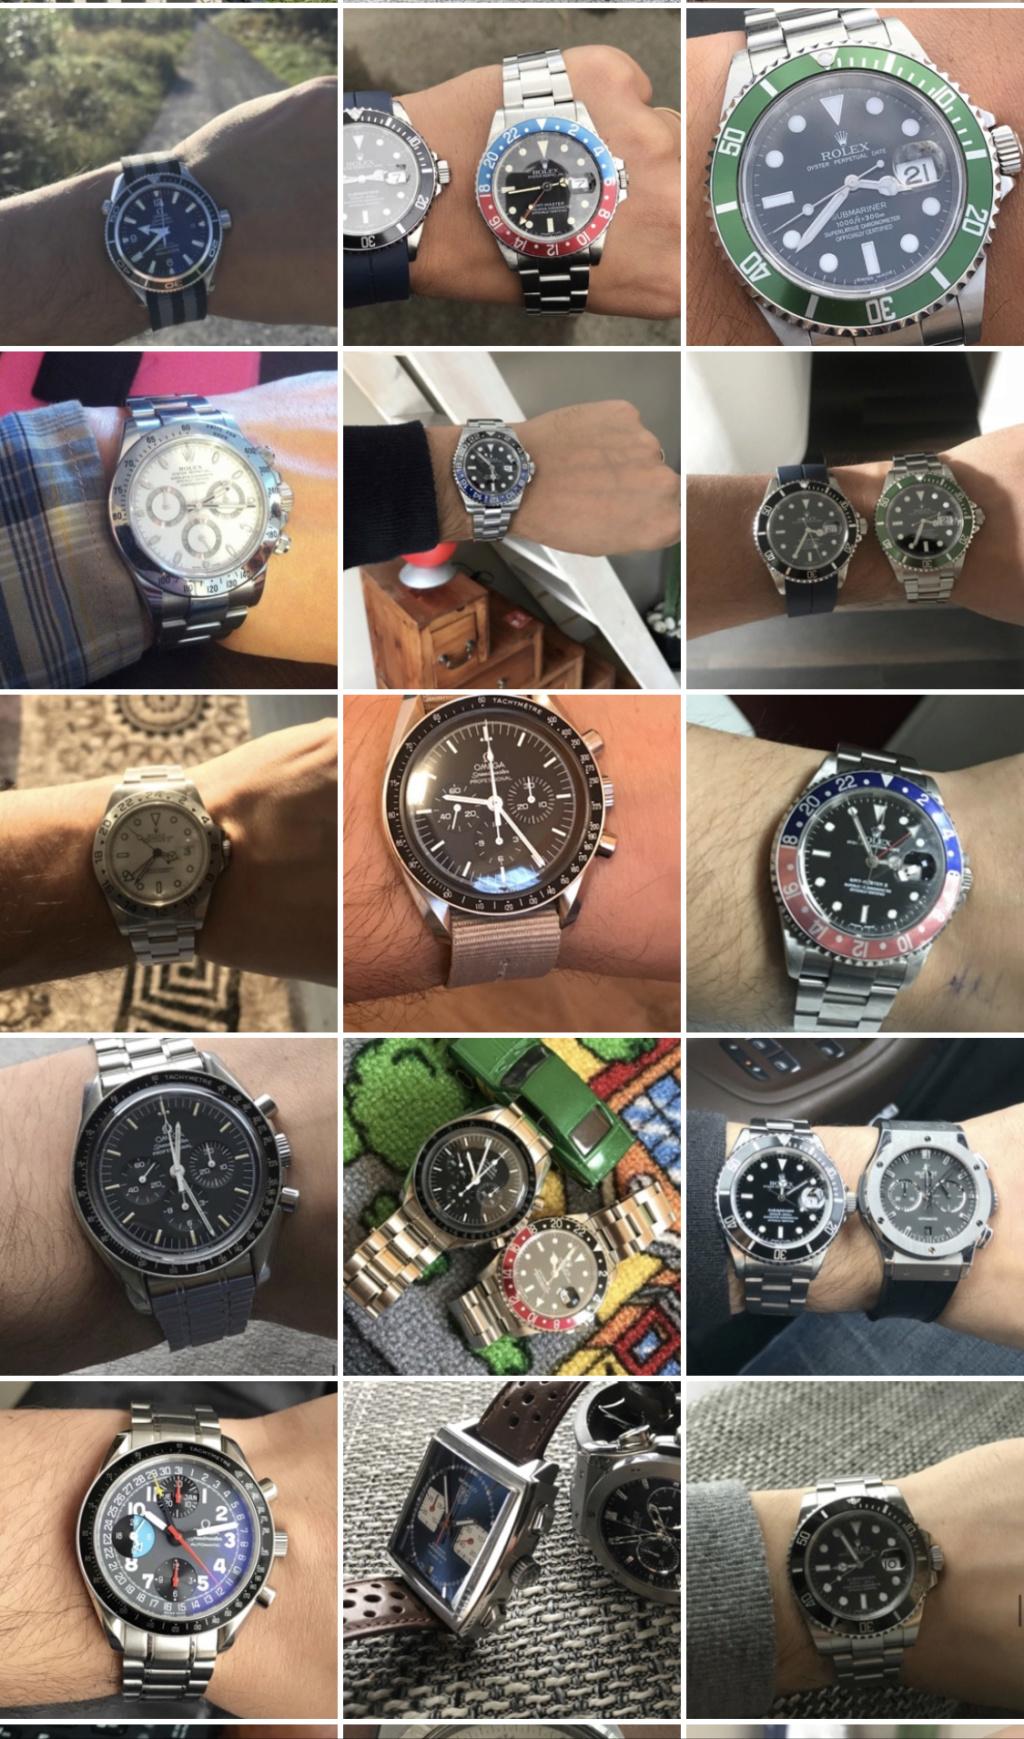 Mon parcours horloger en 4ans de FaM 14851410